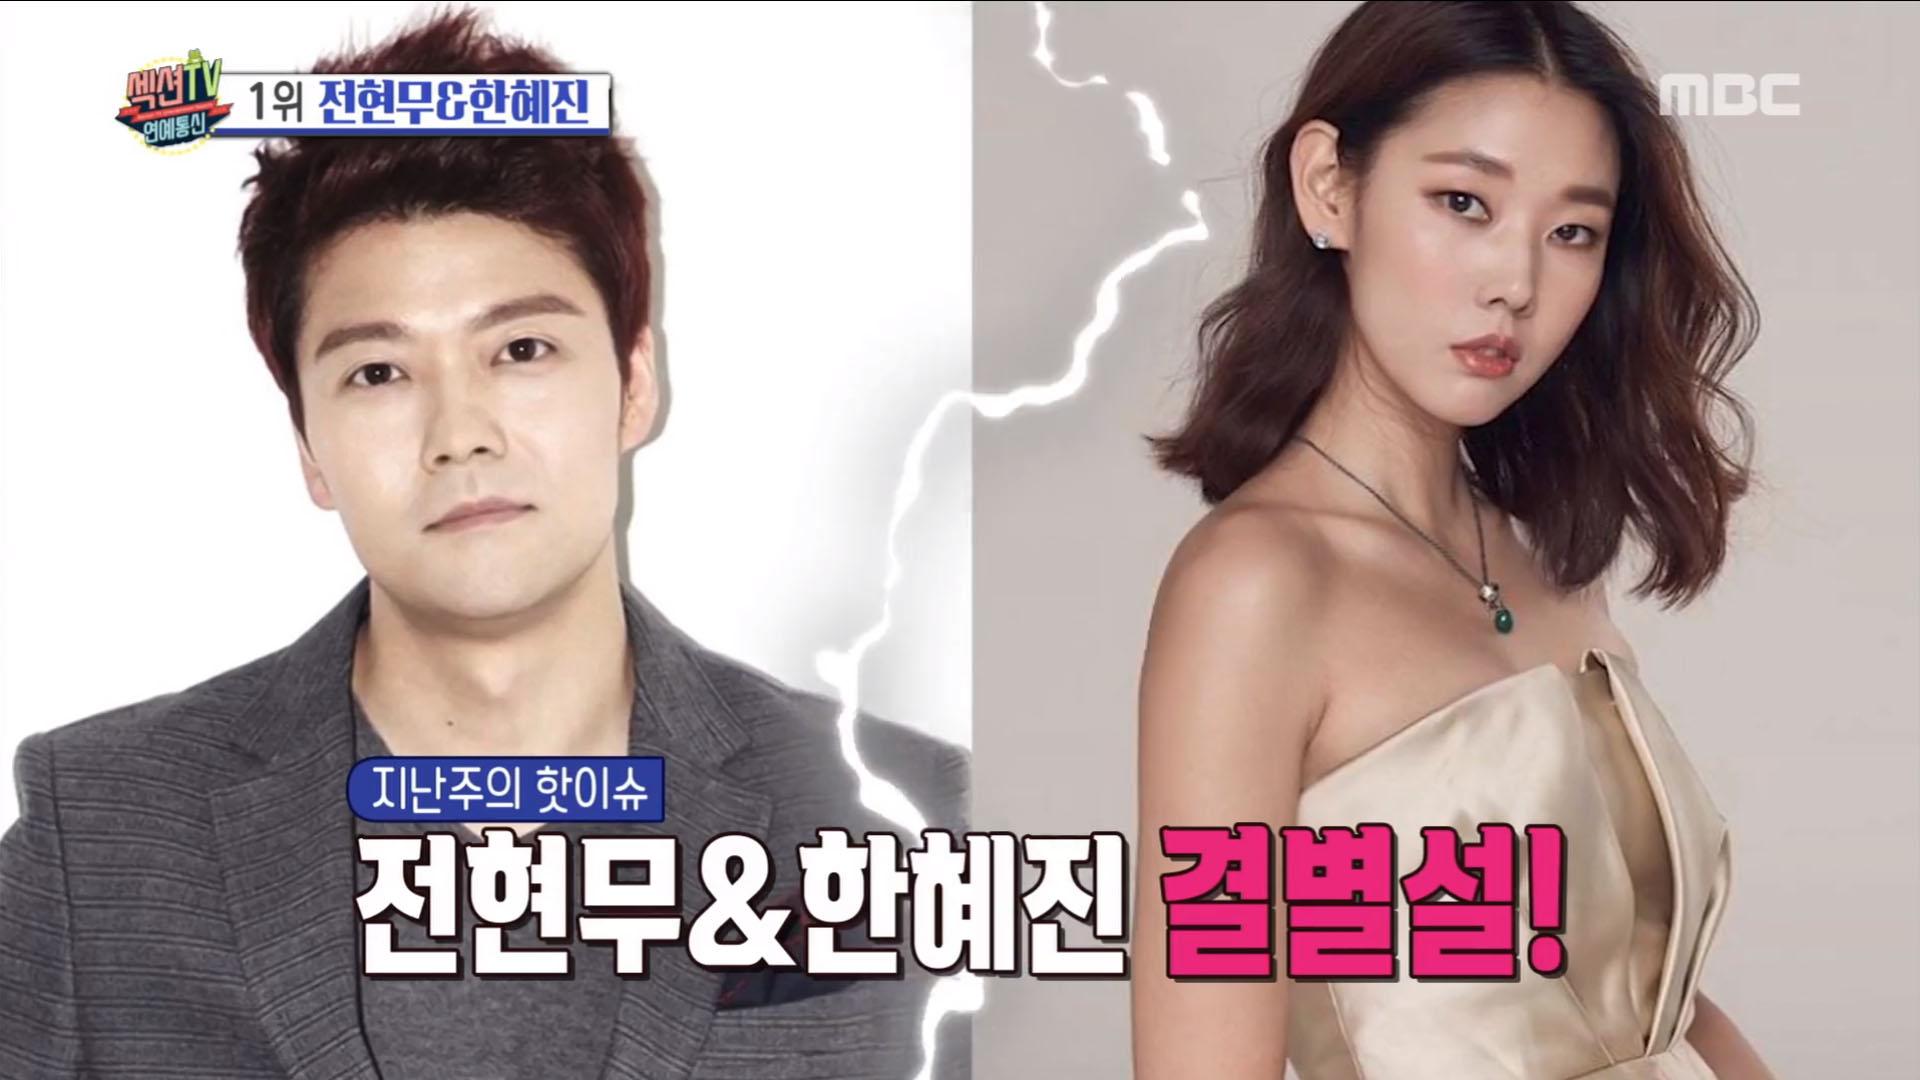 '섹션TV 연예통신' 전현무&한혜진 결별설 '사실무근', 애정전선 이상 무!